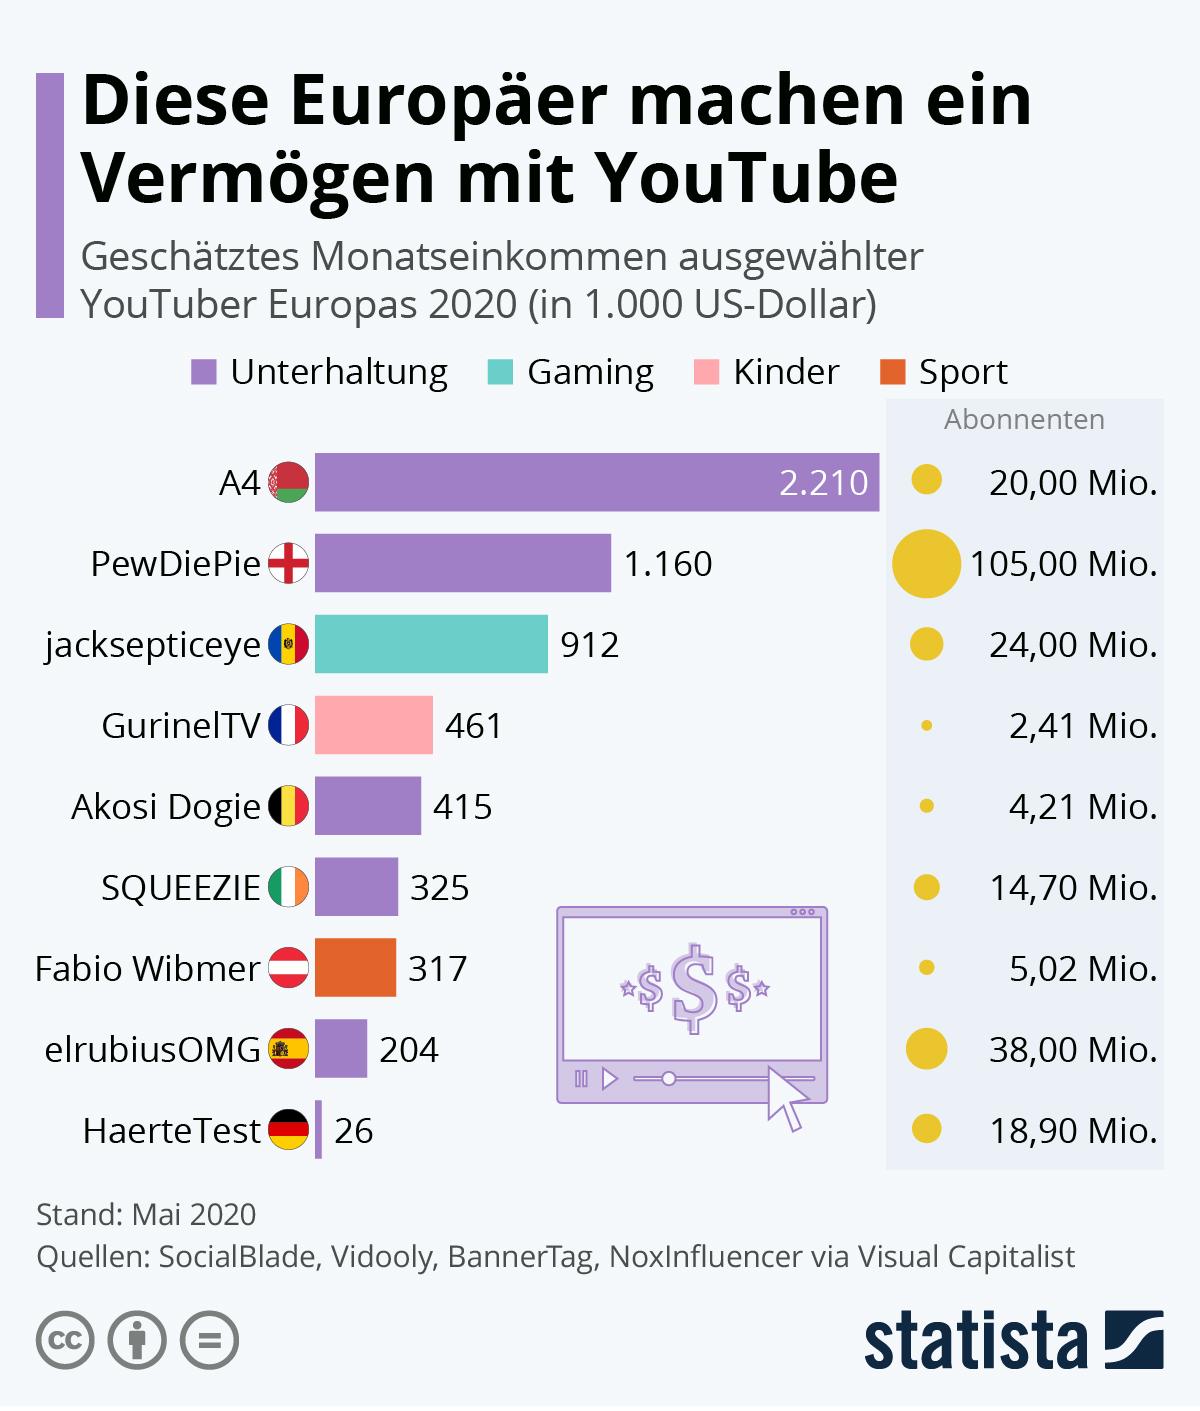 Infografik: Diese Europäer machen ein Vermögen mit YouTube | Statista